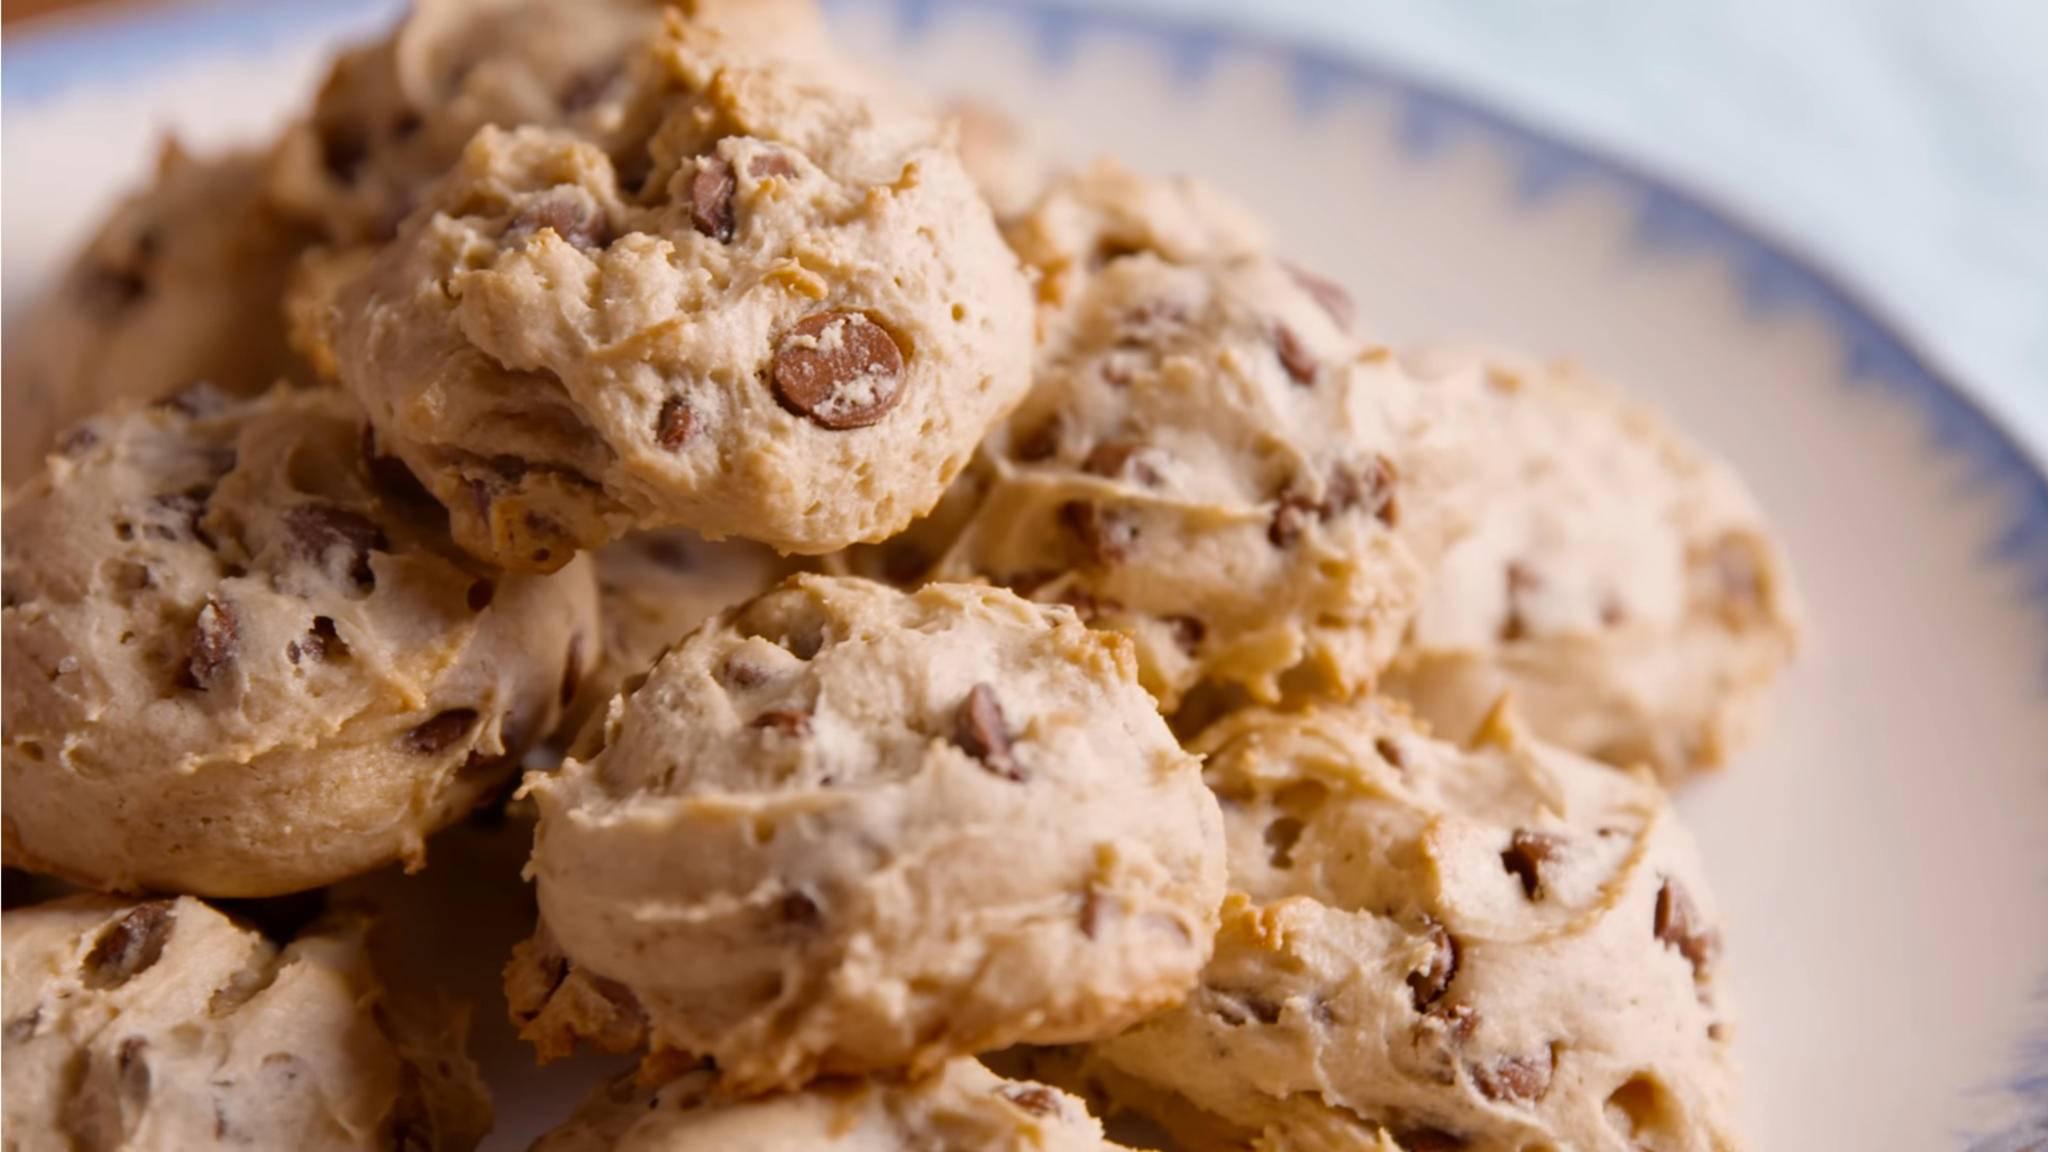 Die Schoko-Cookies mit Frischkäse fallen etwas blasser aus.